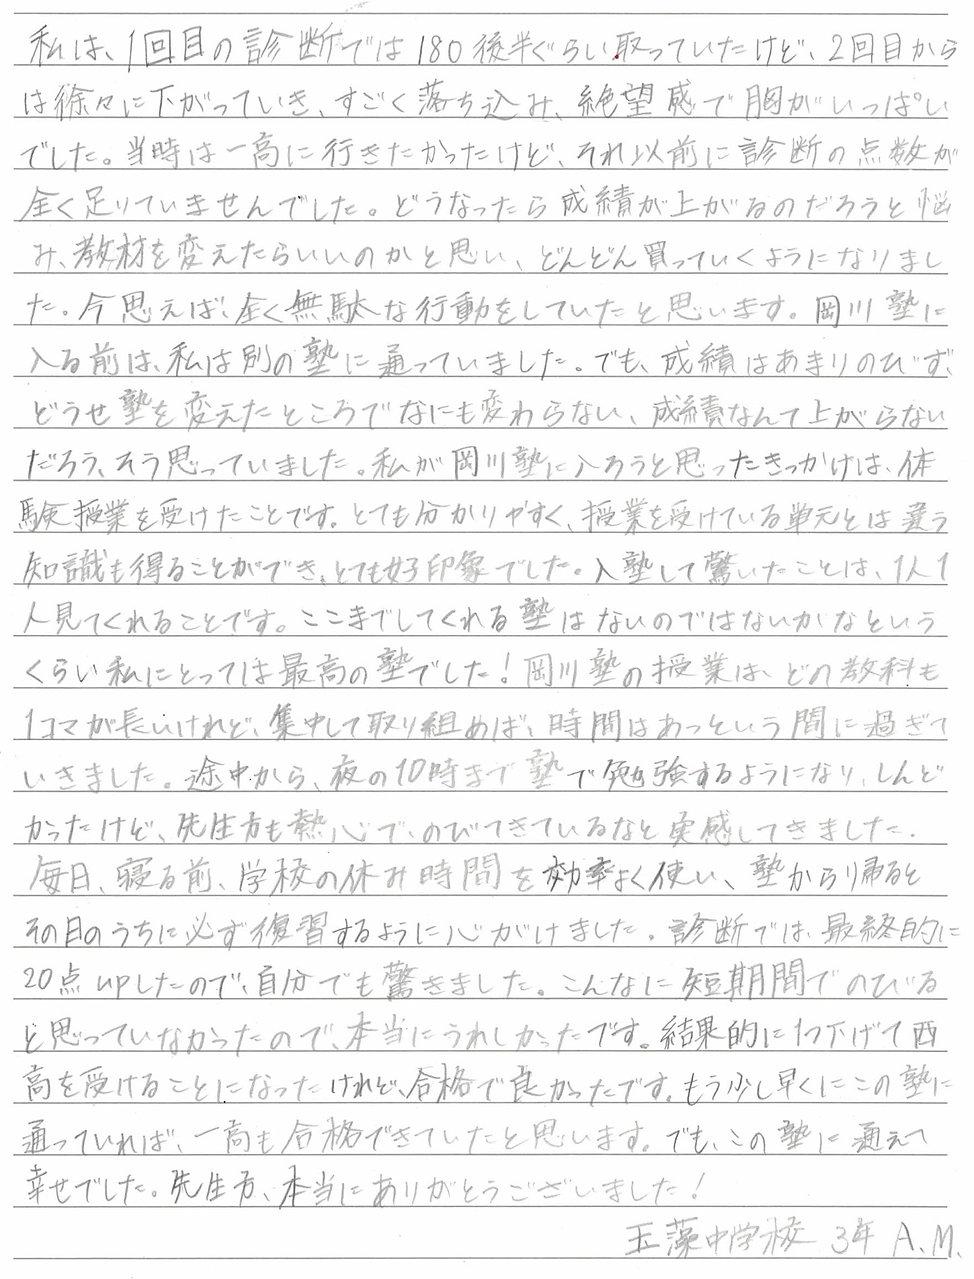 高松西高玉藻中AMさん.jpg